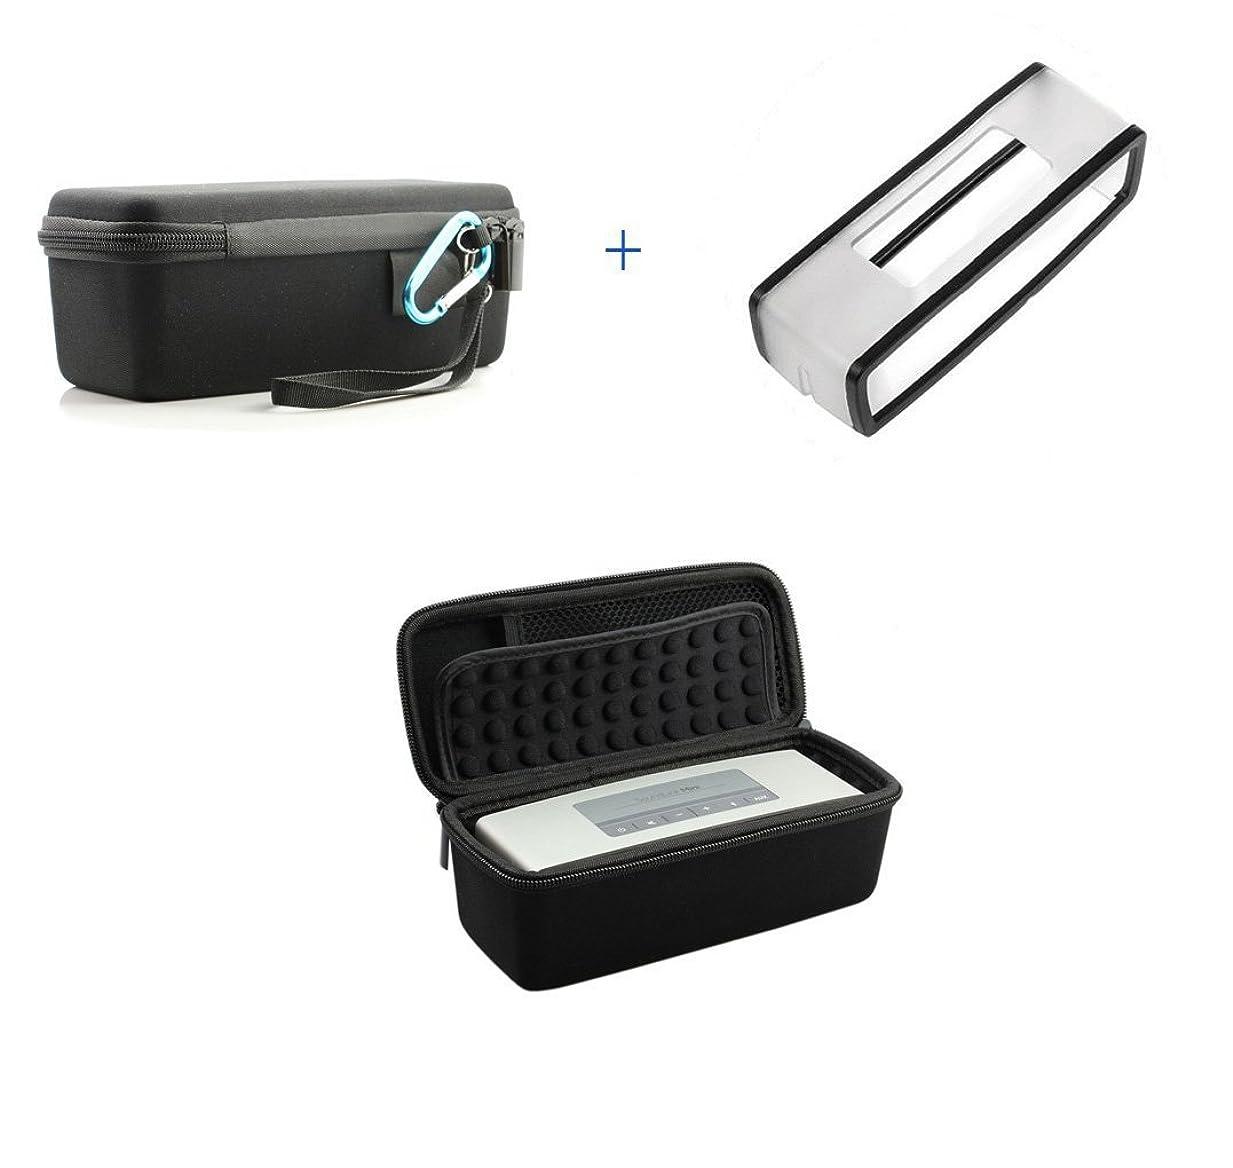 承認すぐに教養があるBose SoundLink Mini /Mini II ケース カバー ボックス スピーカー収納ケース /多機能保護専用カバー /保護ポーチボックス (ブラック) (ブラック) (ブラック)